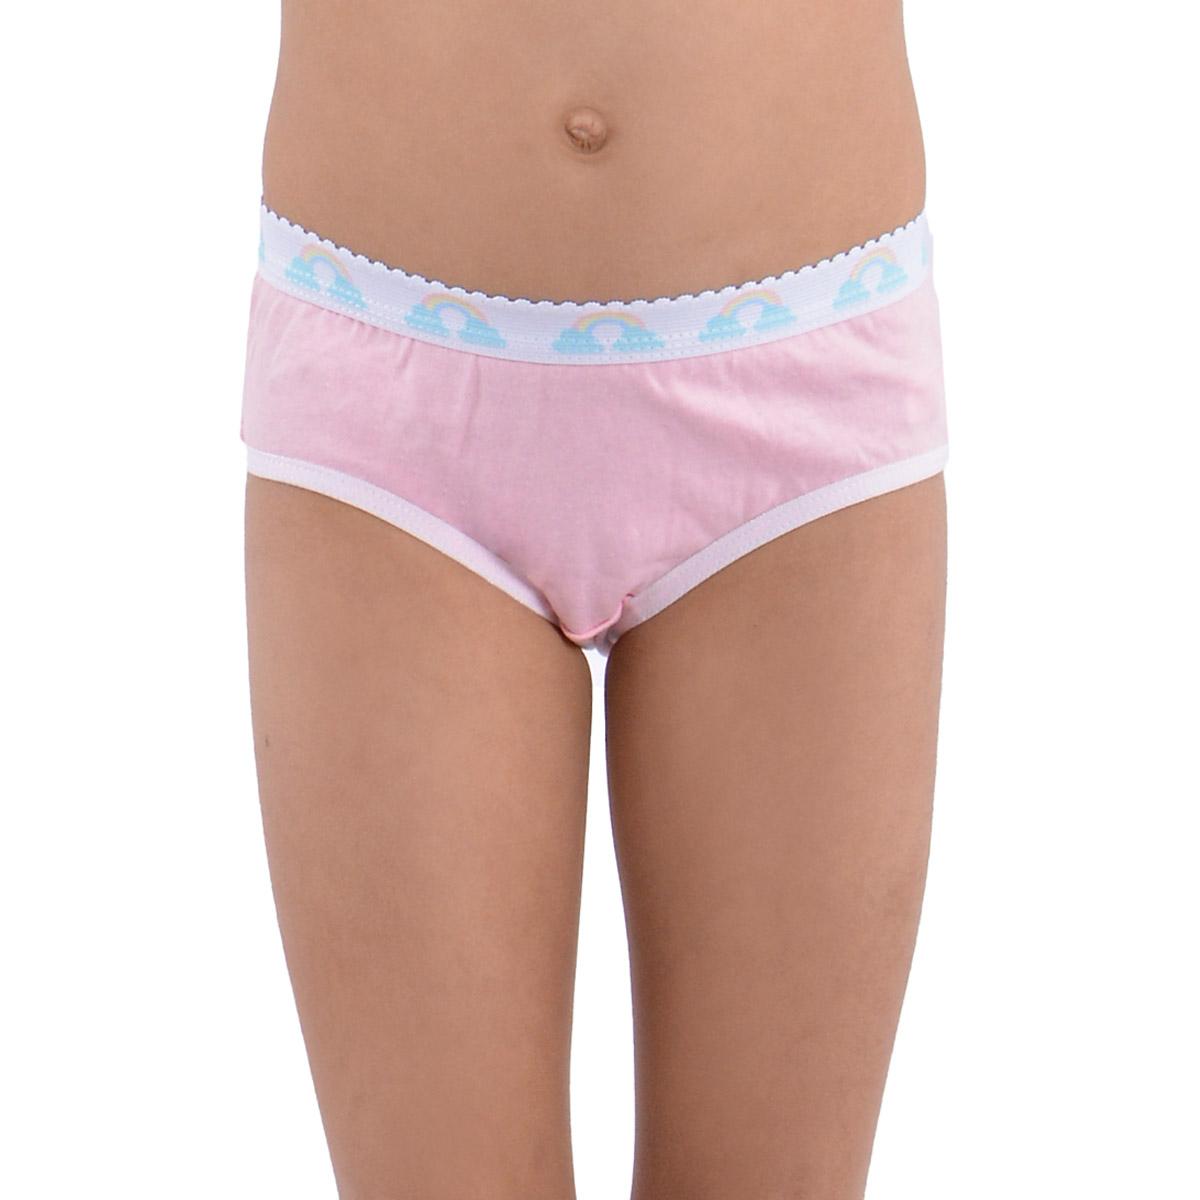 KIT com 2 calcinhas infantil para meninas Selene